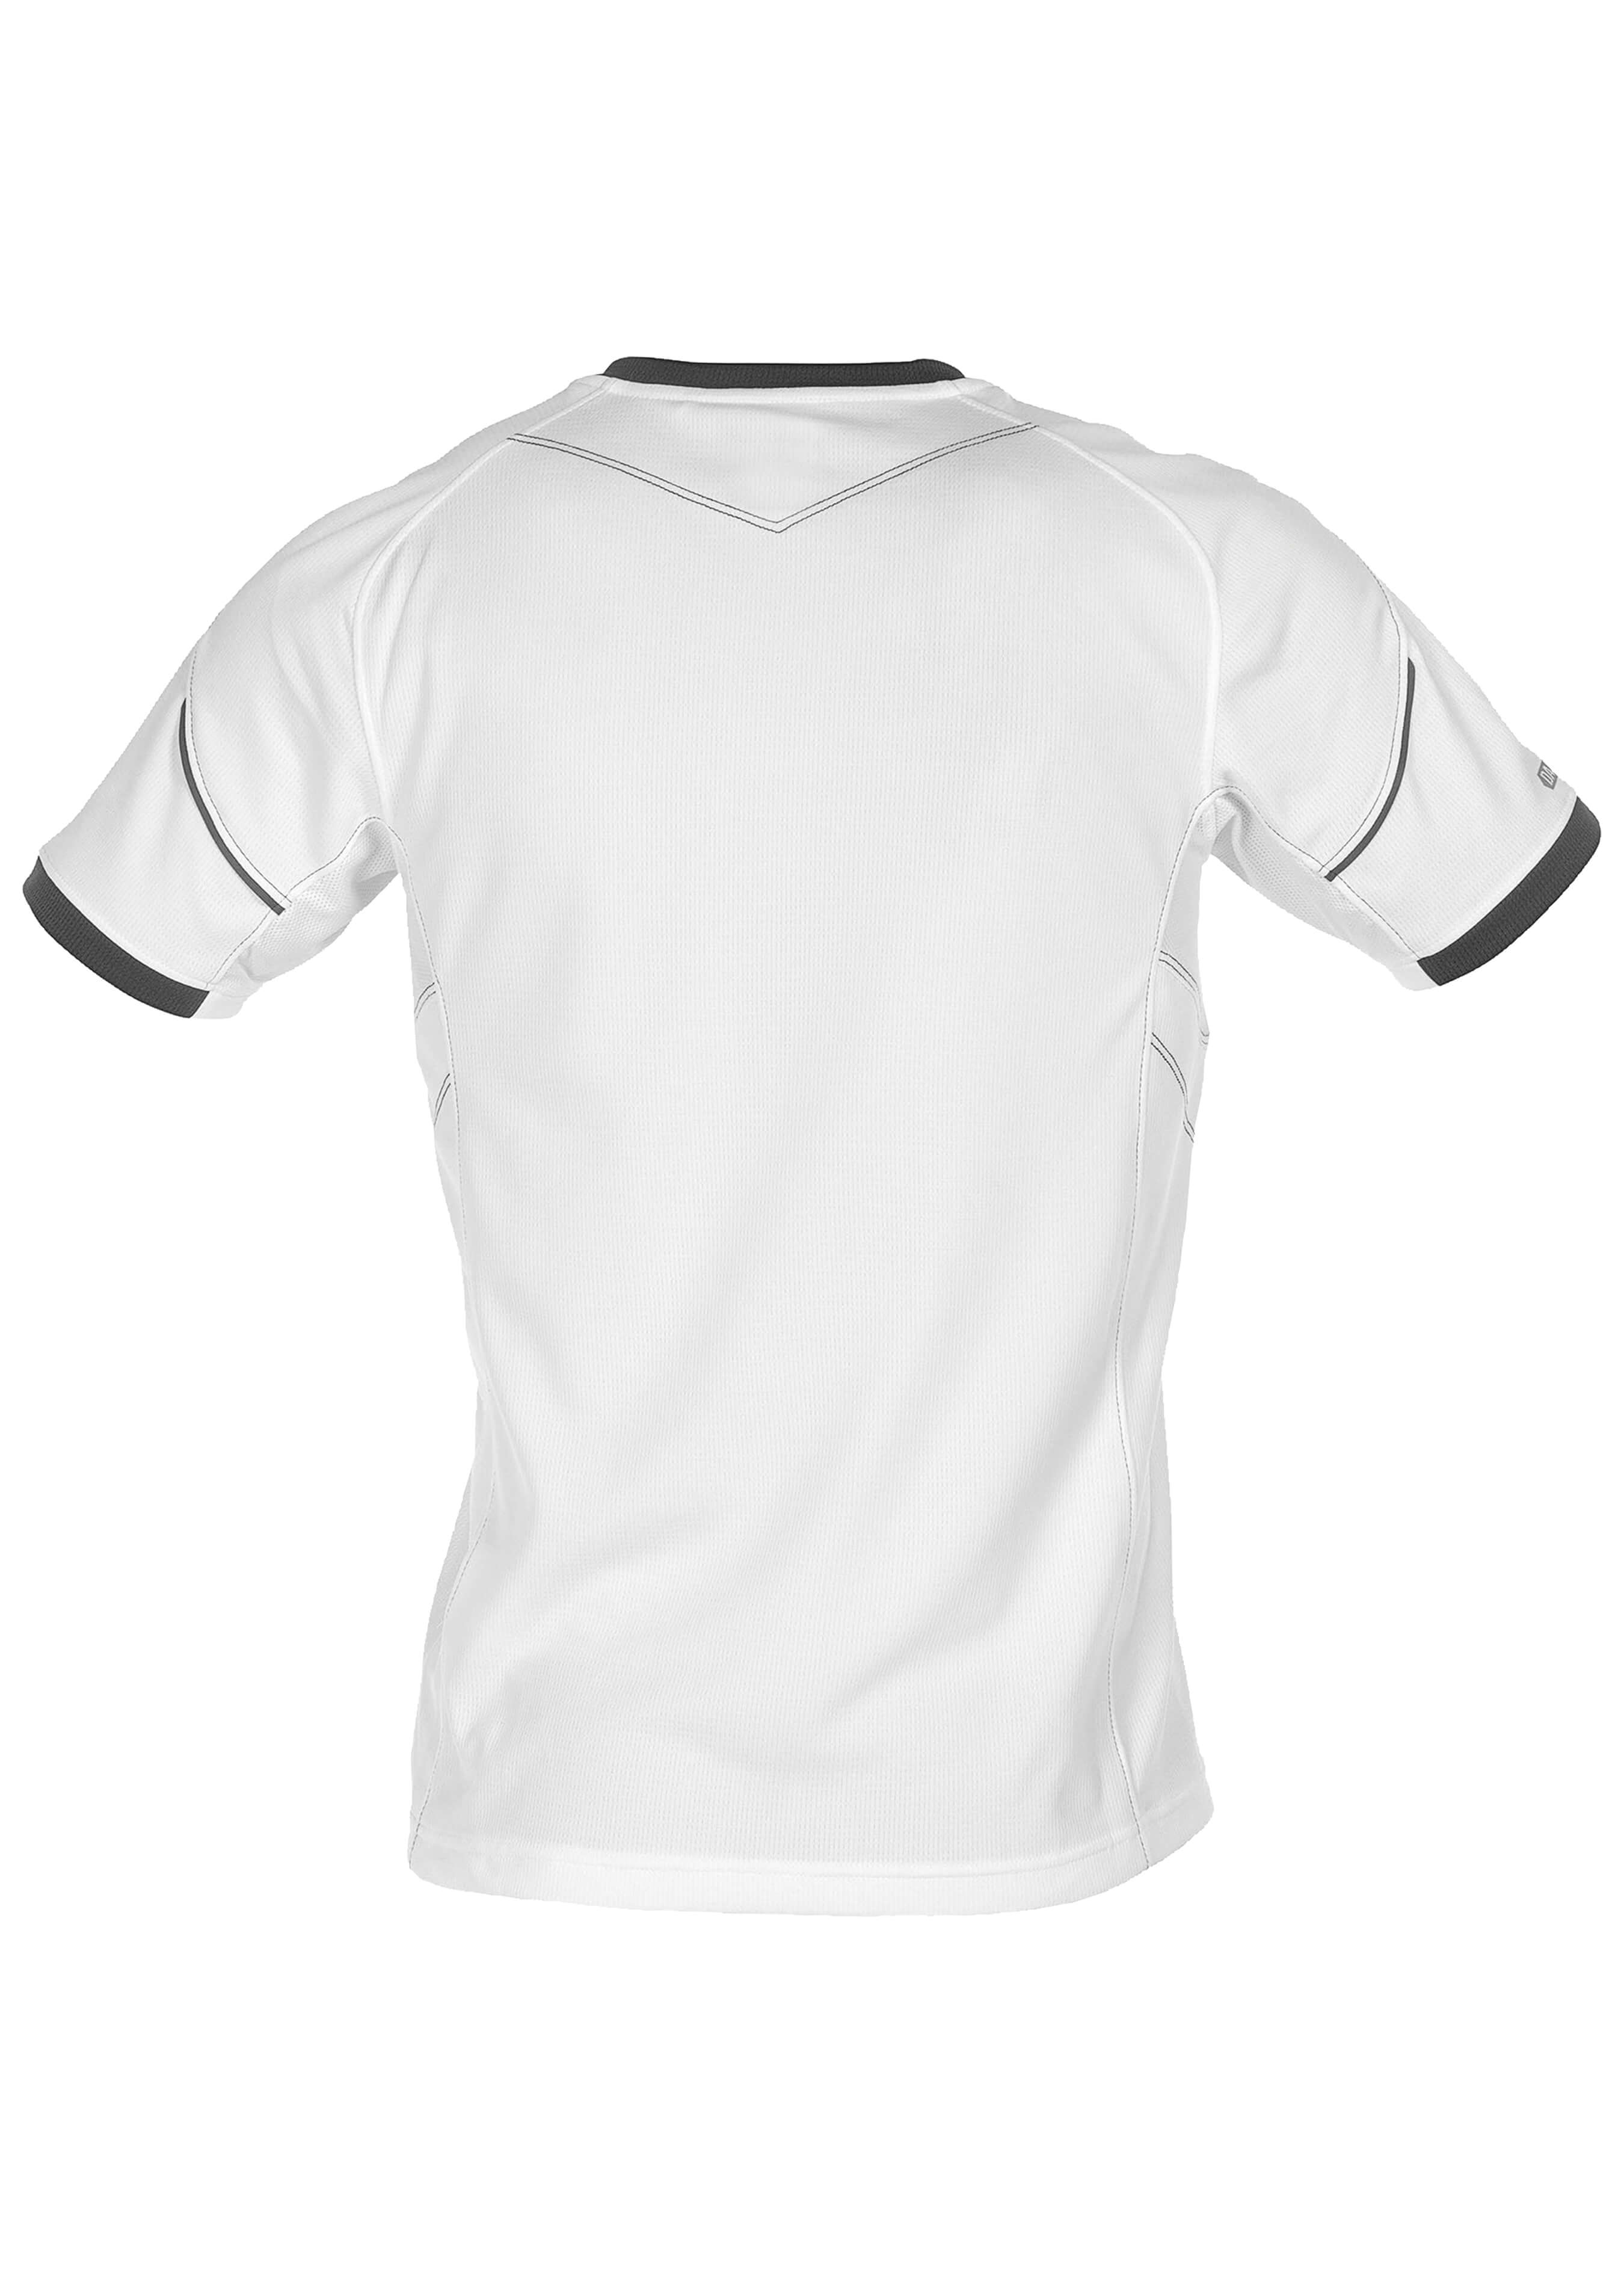 t-shirt pour peinture hommes Nexus 256114L 2